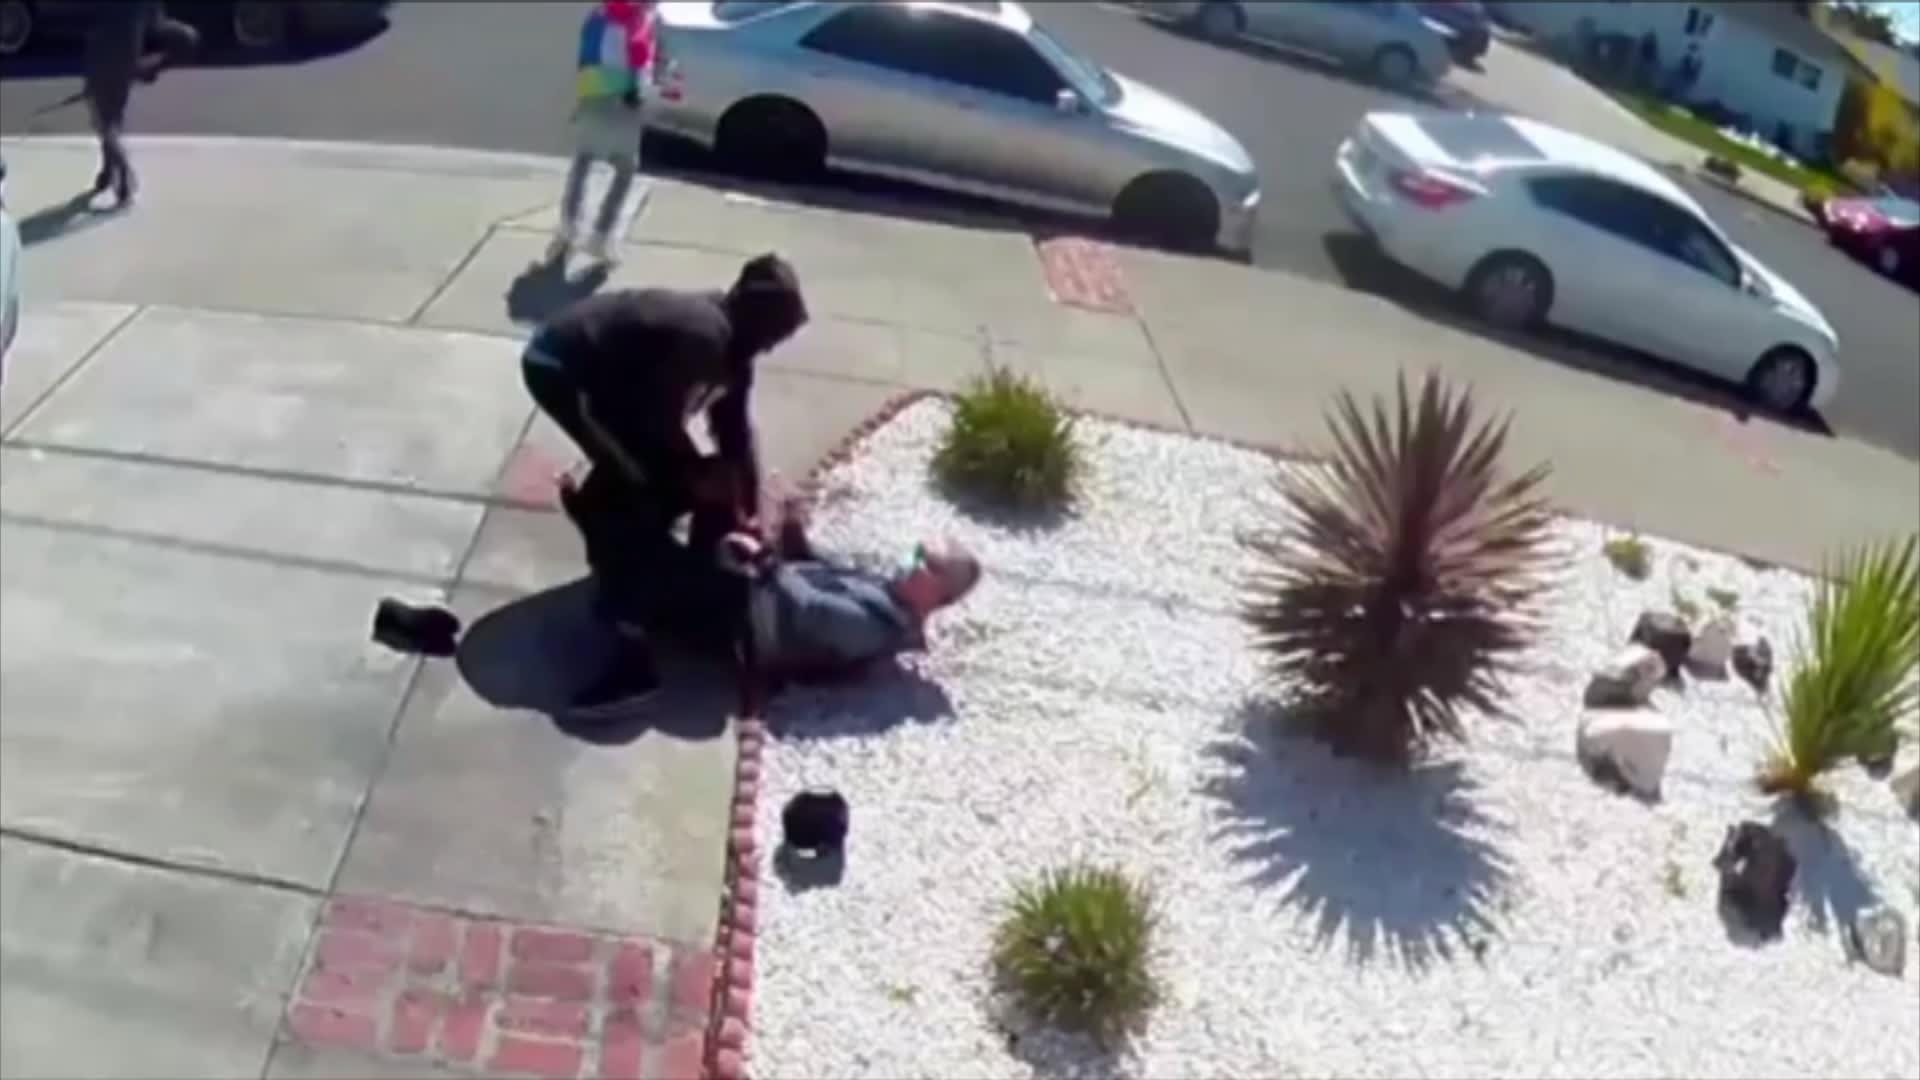 ضربوه وسرقوه وسخروا منه.. مراهقون يعتدون على أمريكي آسيوي عمره 80 عاماً